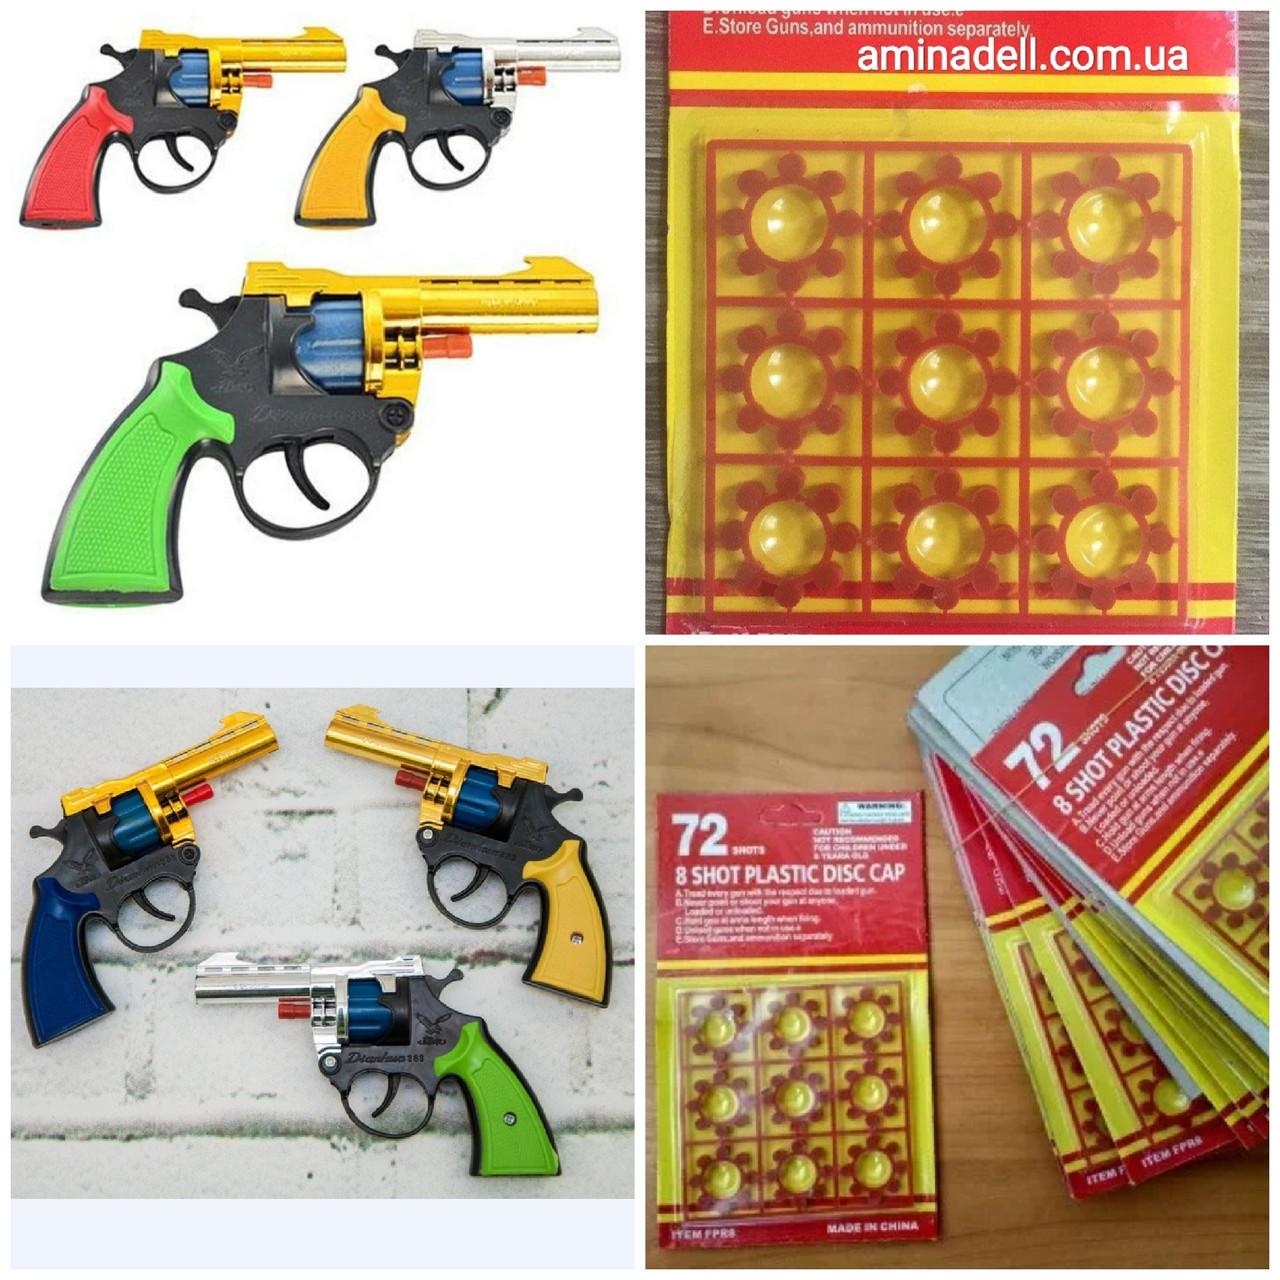 Набор: Пистолет на пистонах + 72 упаковки пистонов